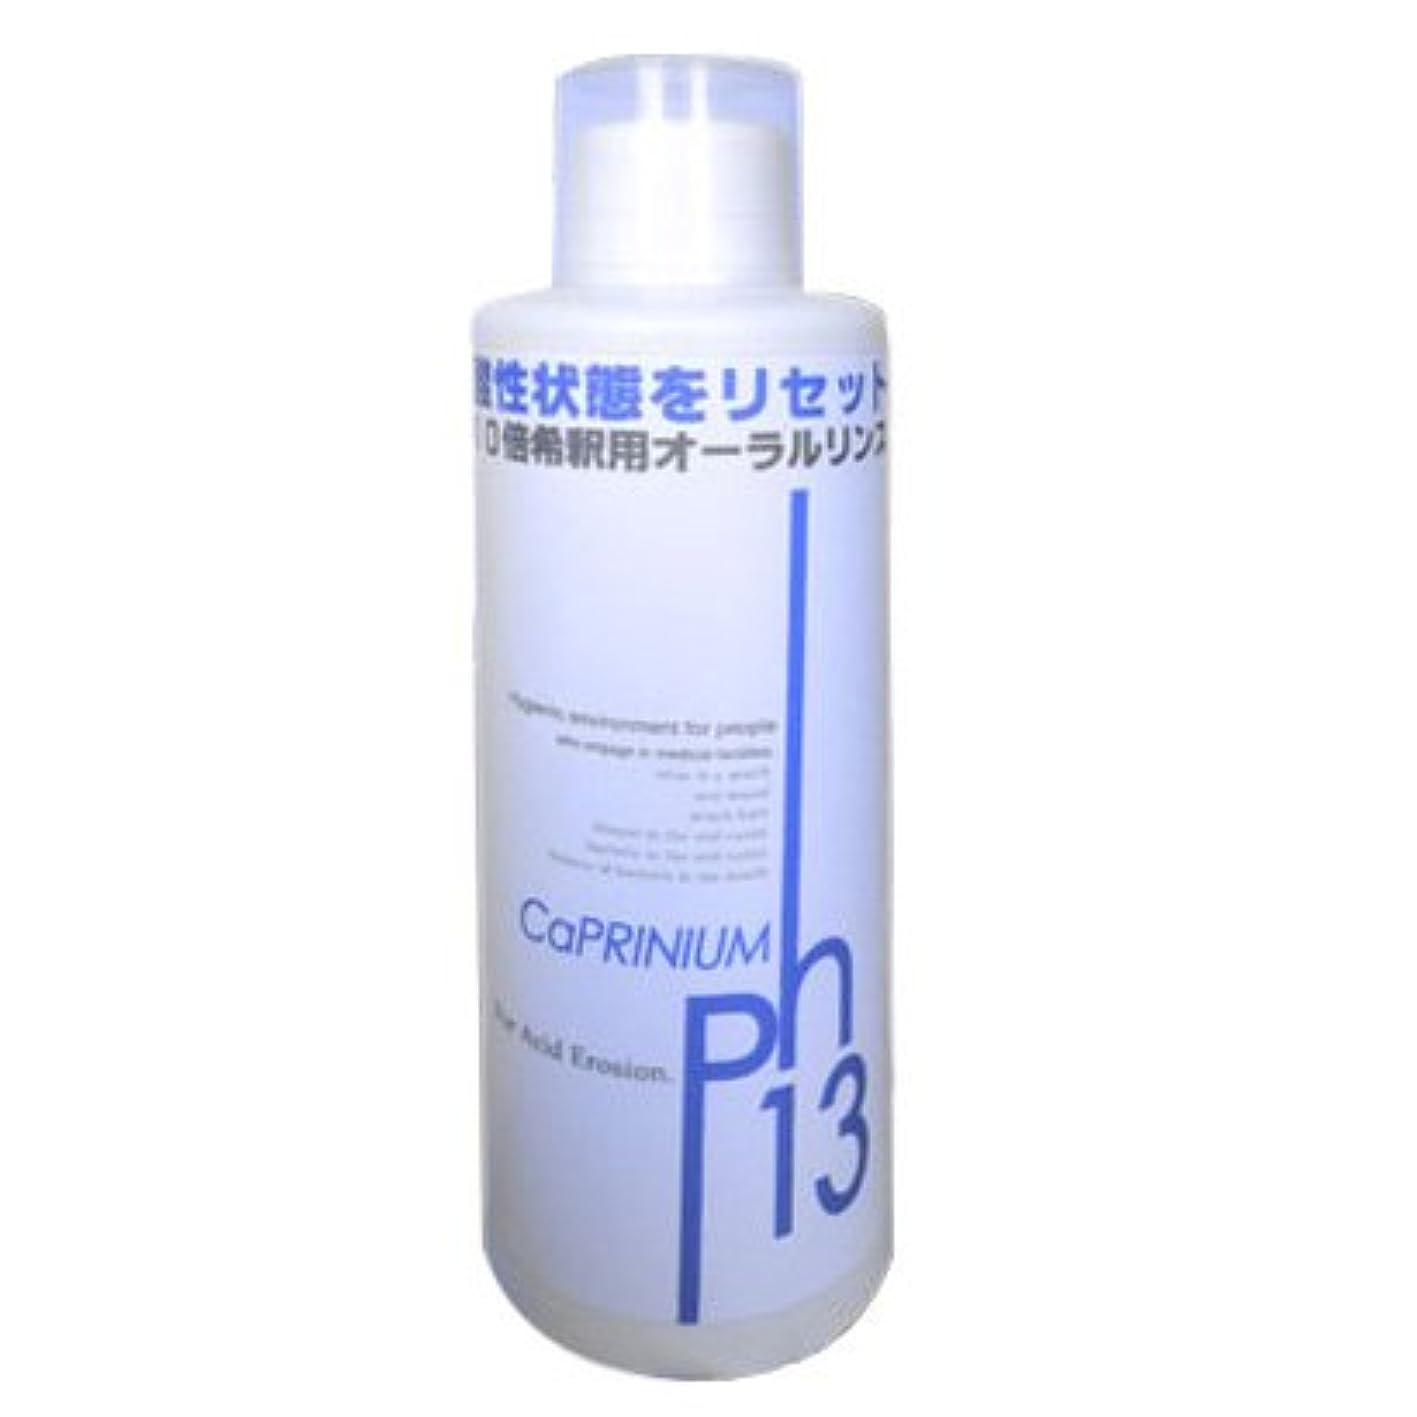 カプリニウム サーティーンリンス(CaPRINIUM 13)